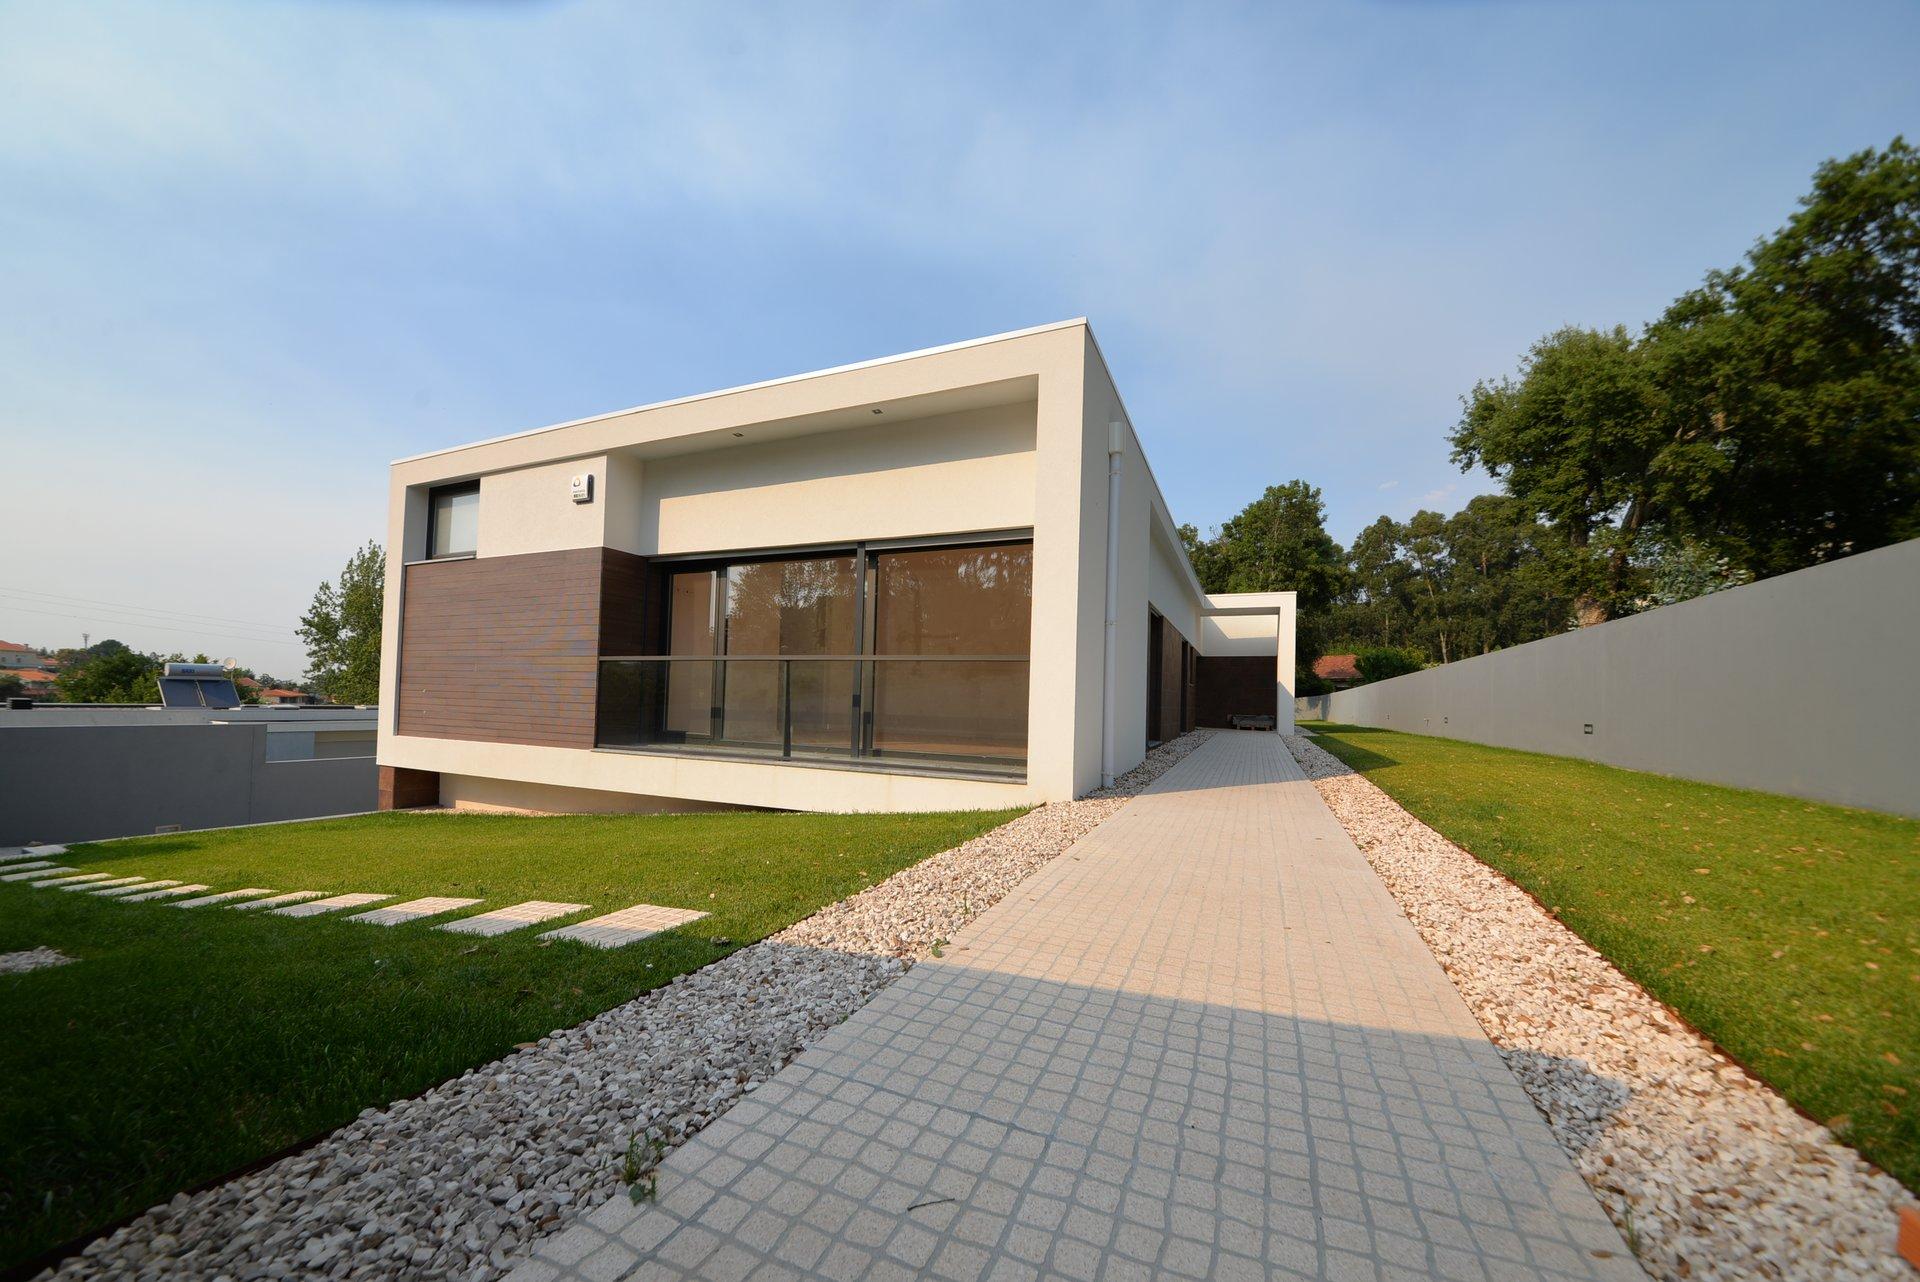 3 Bedroom Villa Vila Nova de Gaia, Porto Ref: AVP5